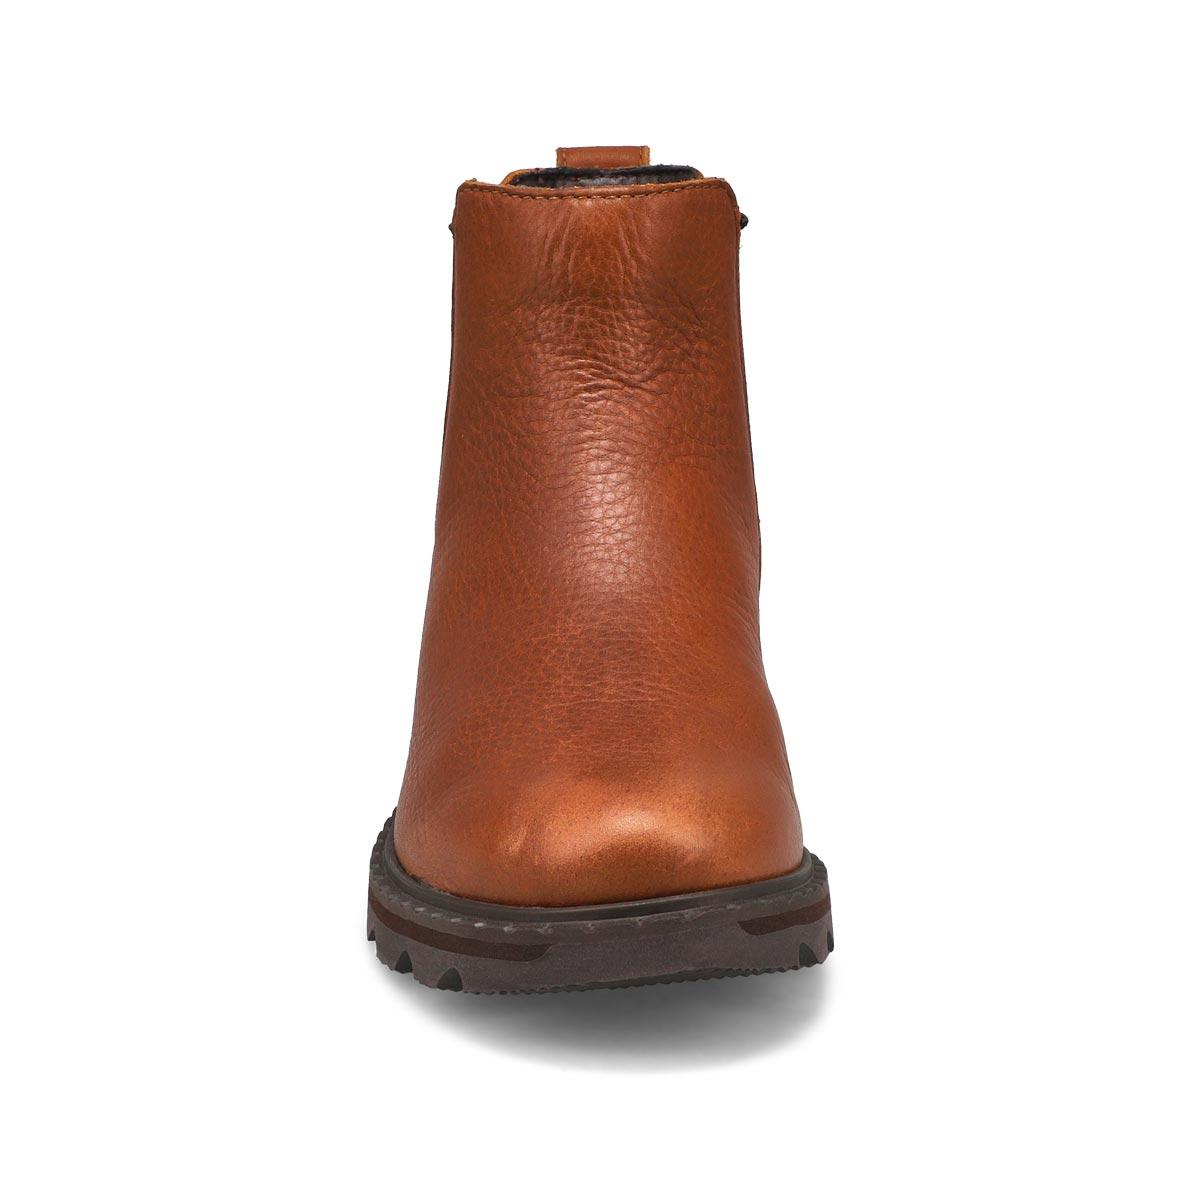 Women's Lennox Chelsea Waterproof Boot - Tan